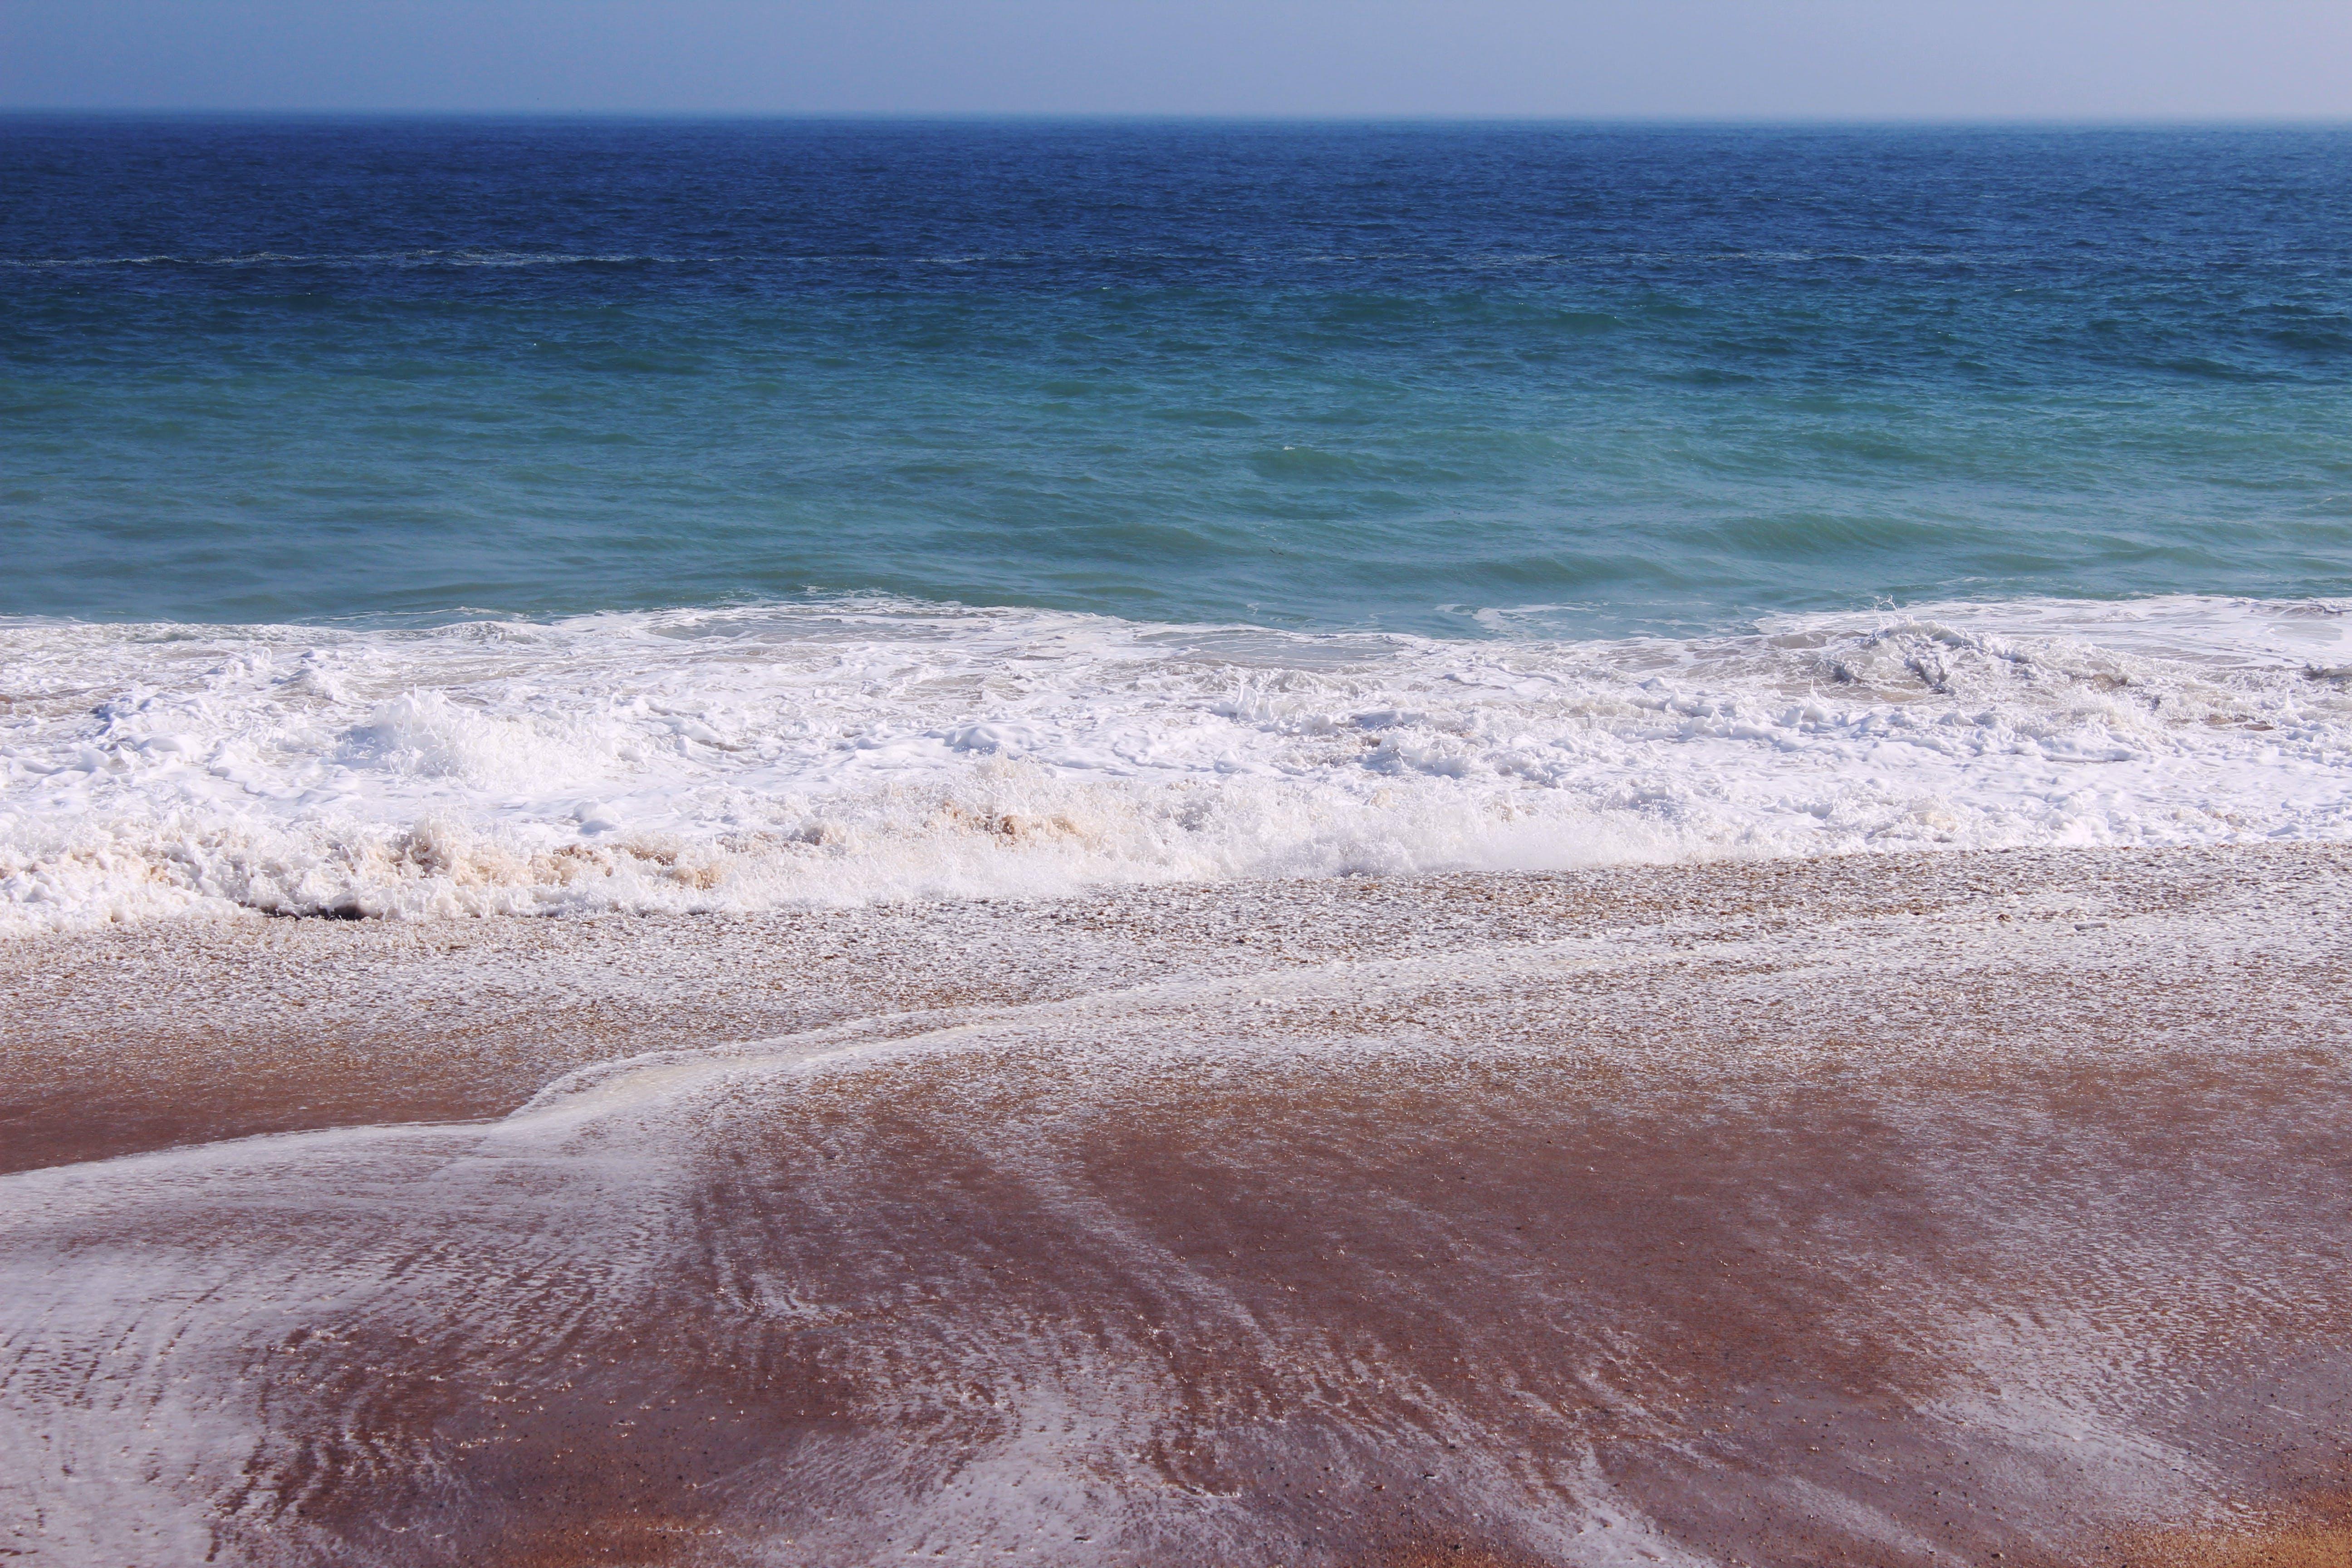 Δωρεάν στοκ φωτογραφιών με άμμος, αφρός της θάλασσας, γνέφω, γραφικός